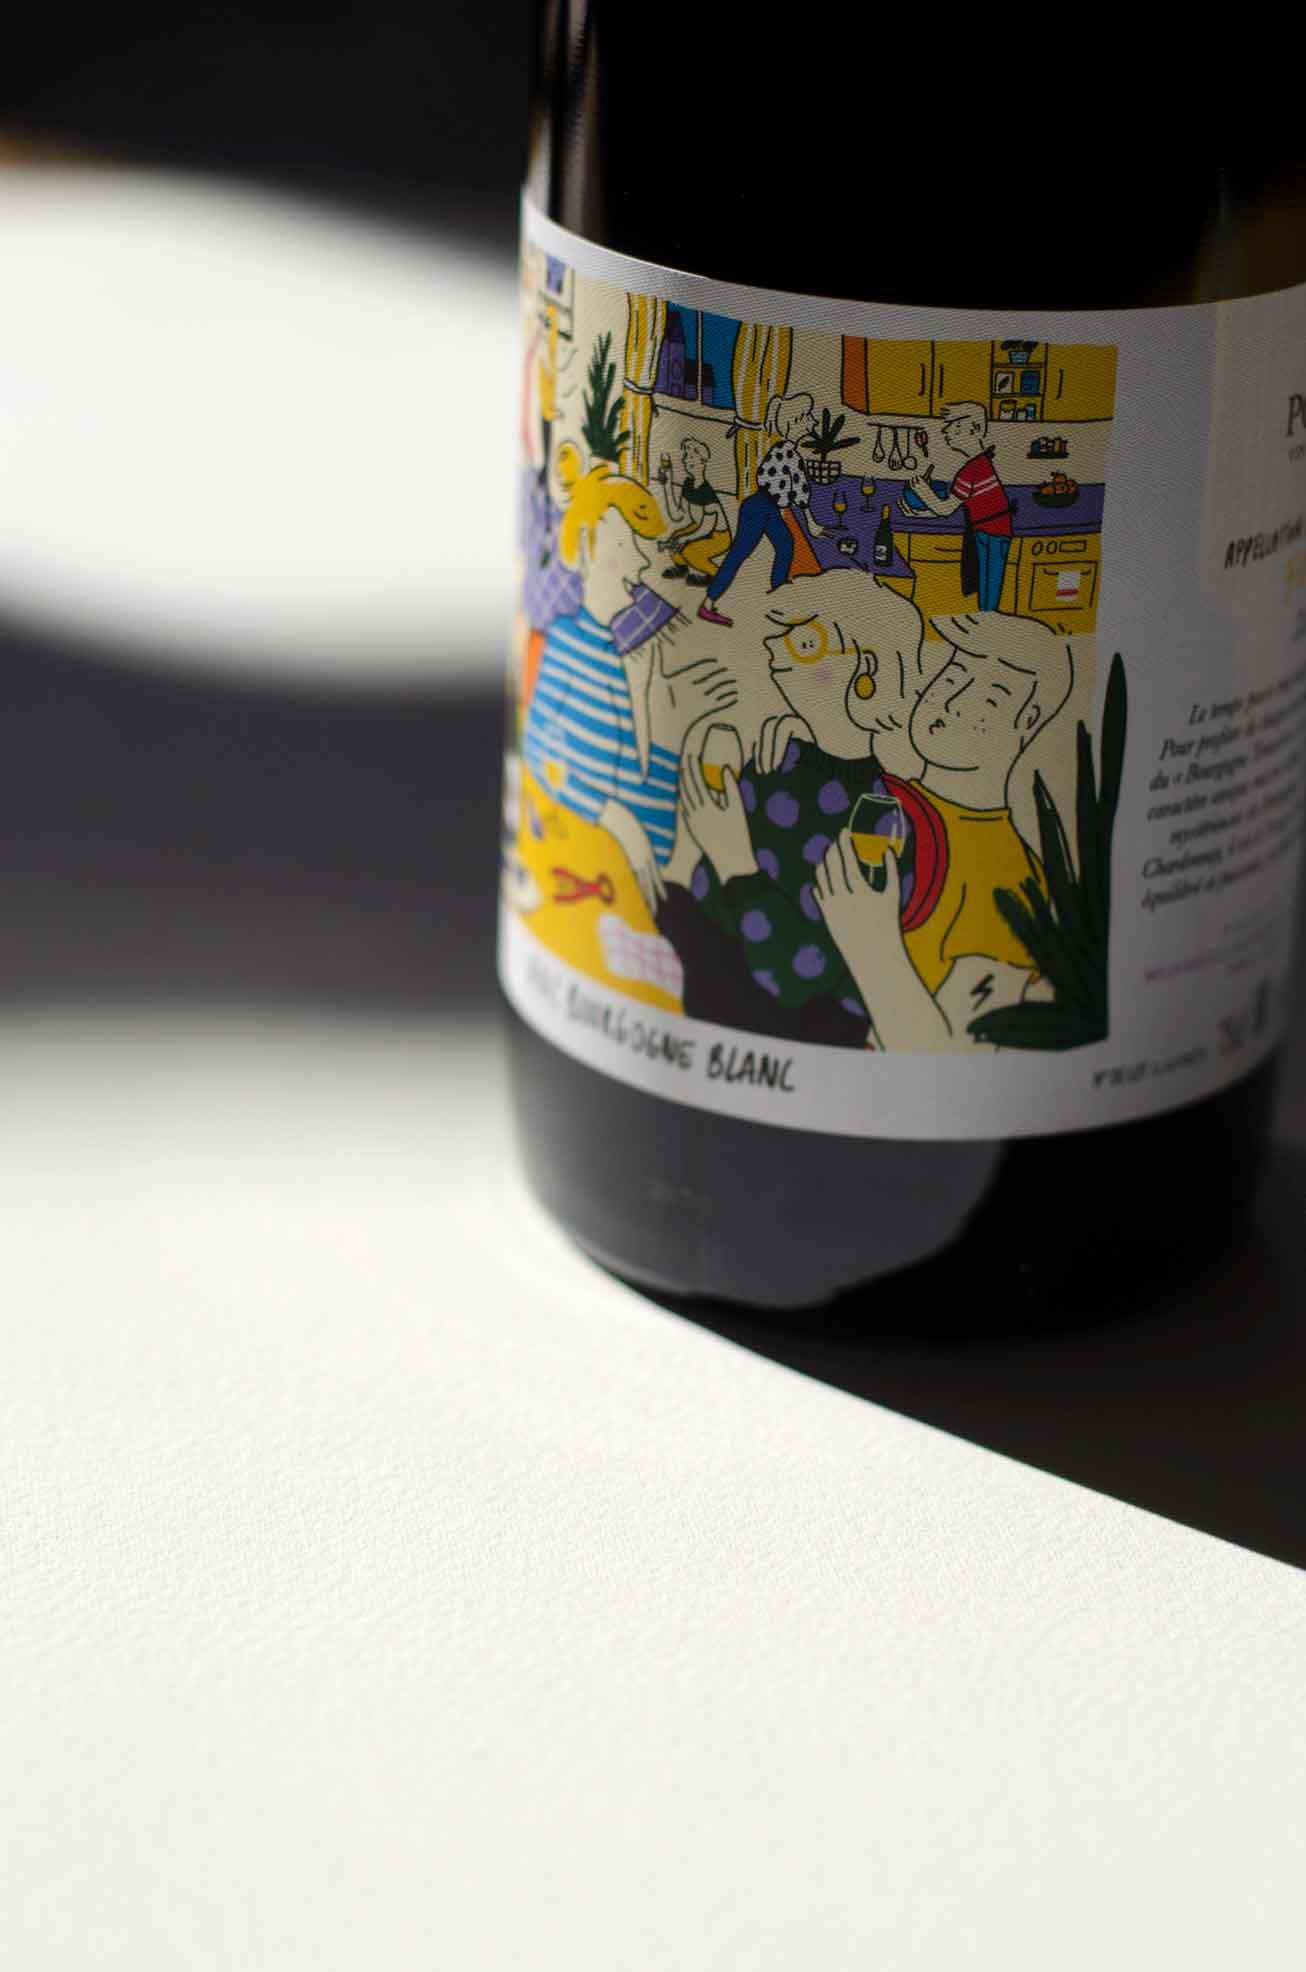 Bouteille Vin de Chablis - Tonnerre par L&C Poitout - Réalisation Agence Discovery